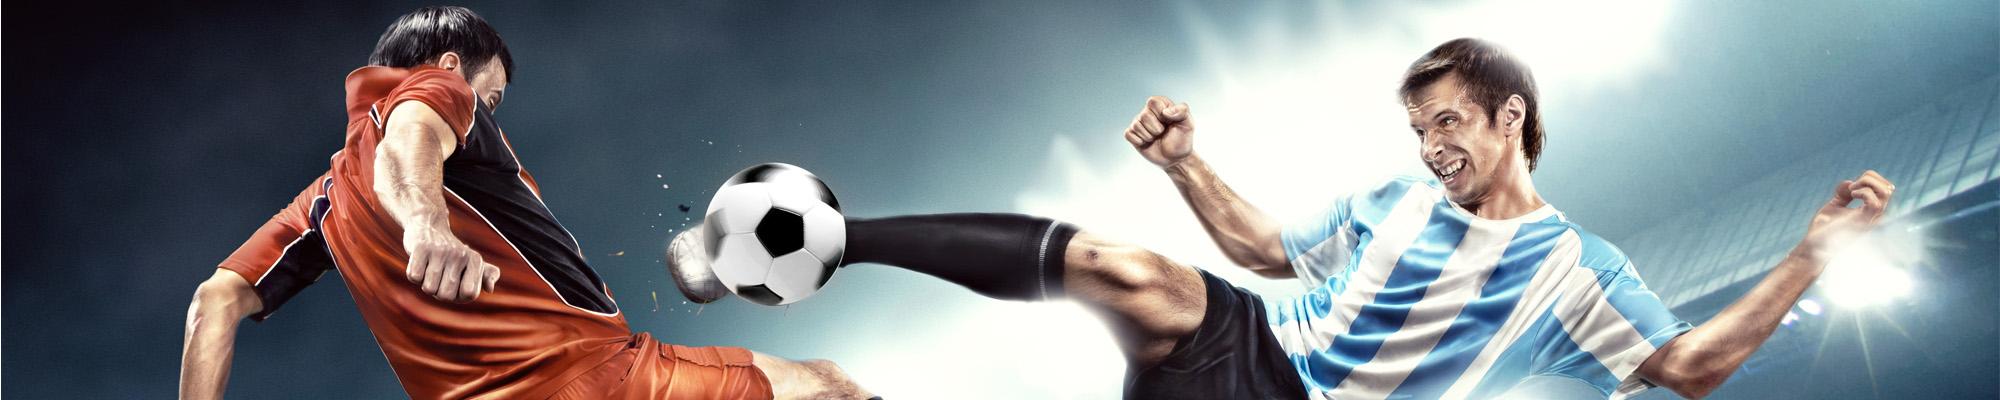 Sportwetten Automaten